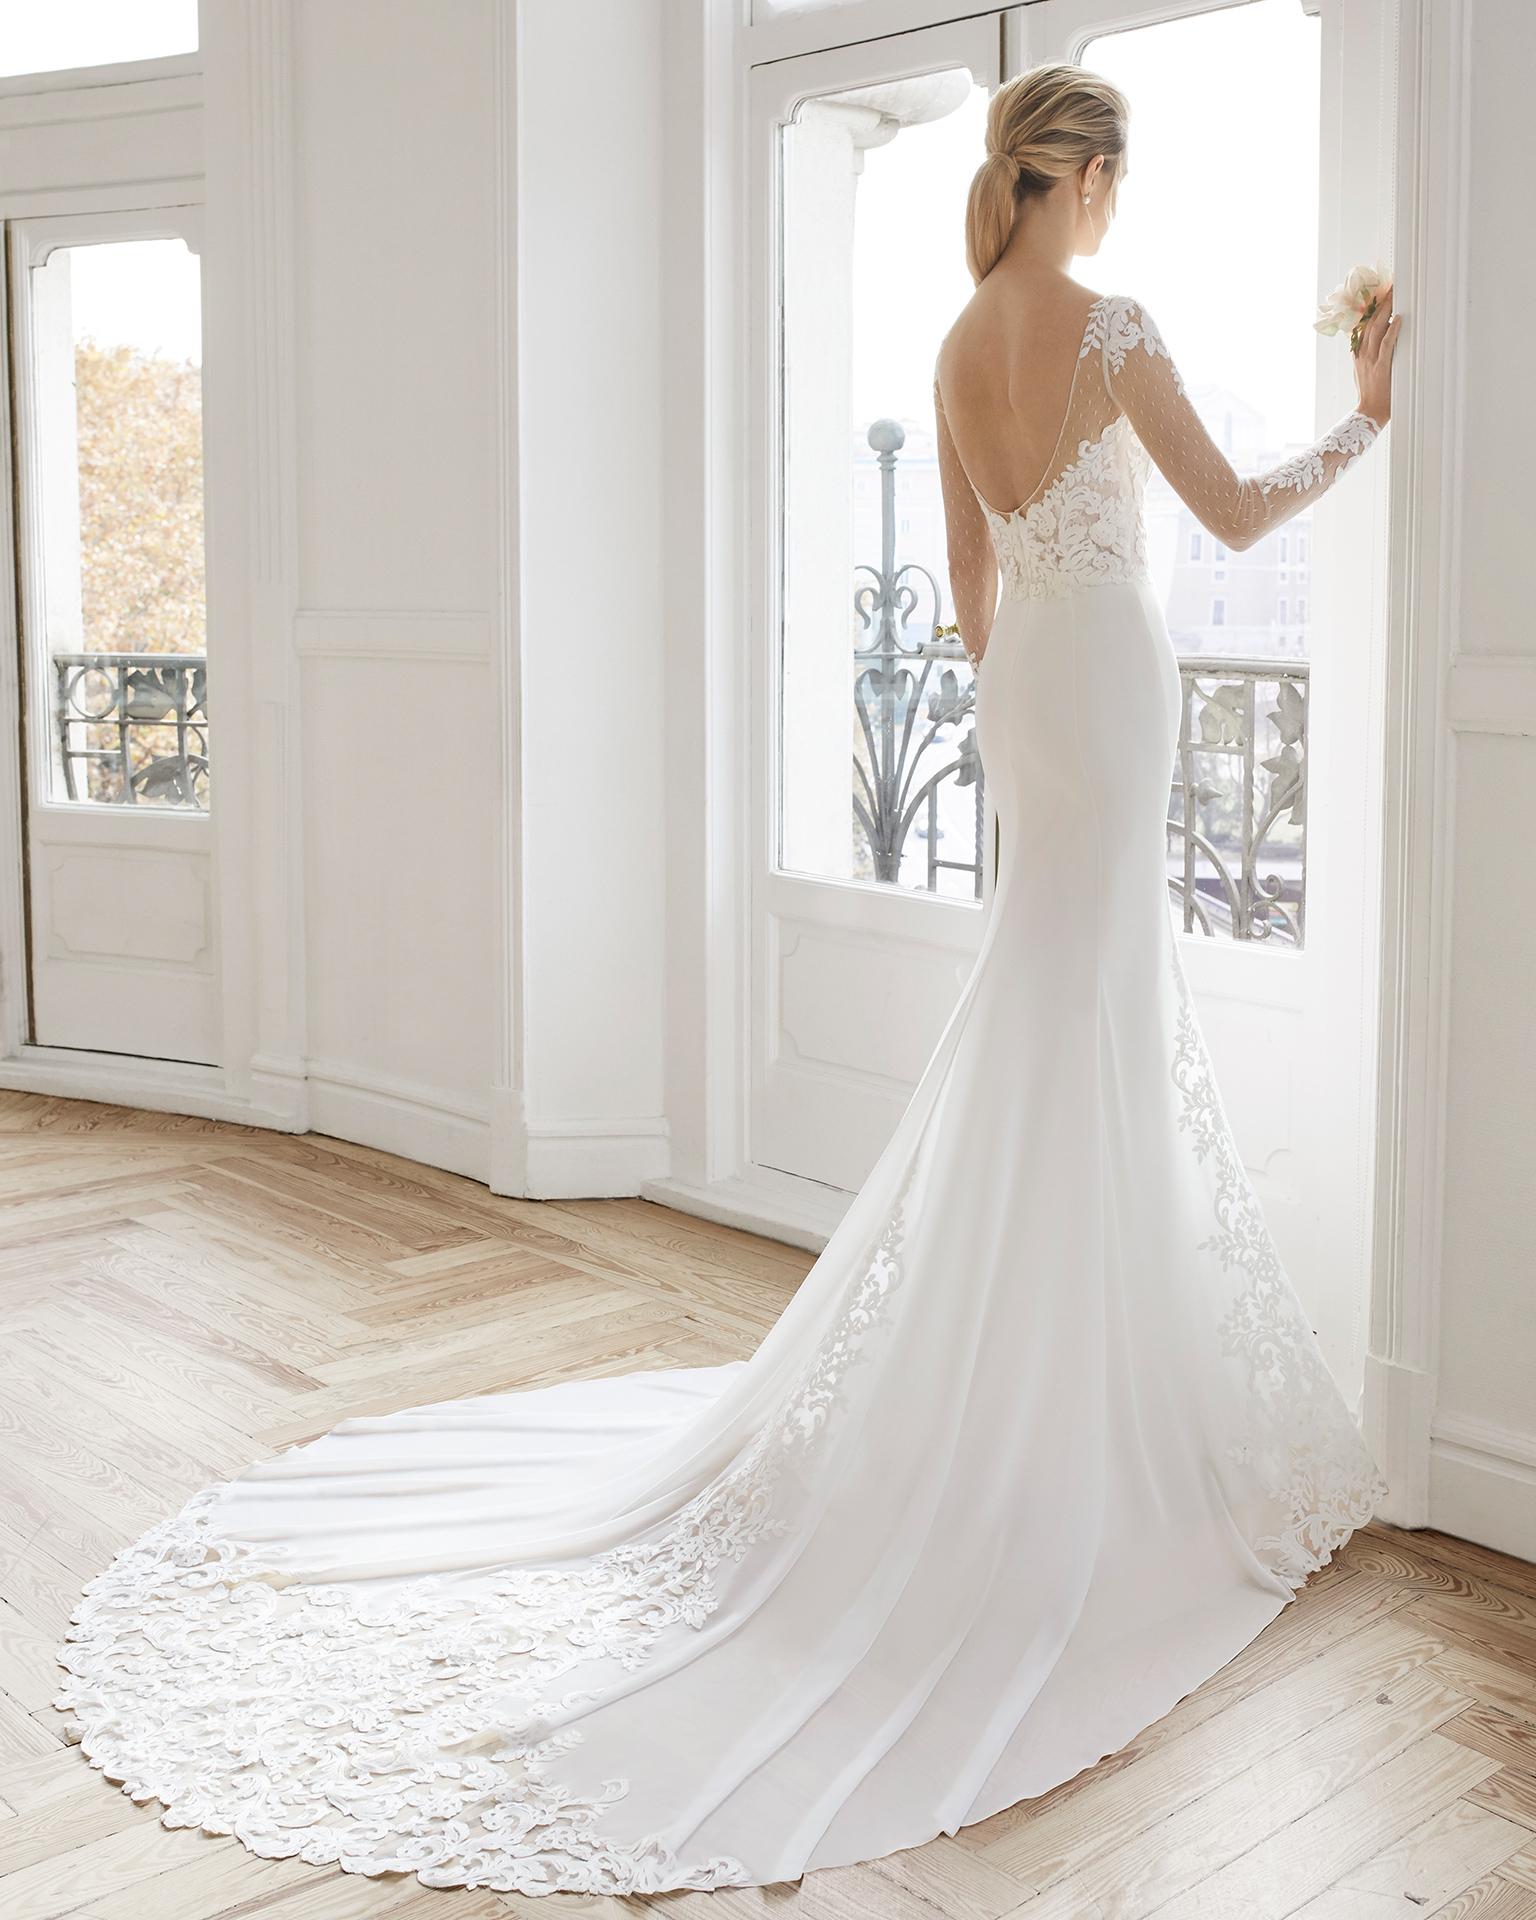 Vestido de noiva corte reto de crepe georgete e renda. Decote à barco, de manga comprida e costas decotadas. Disponível em cor natural. Coleção AIRE BARCELONA 2019.